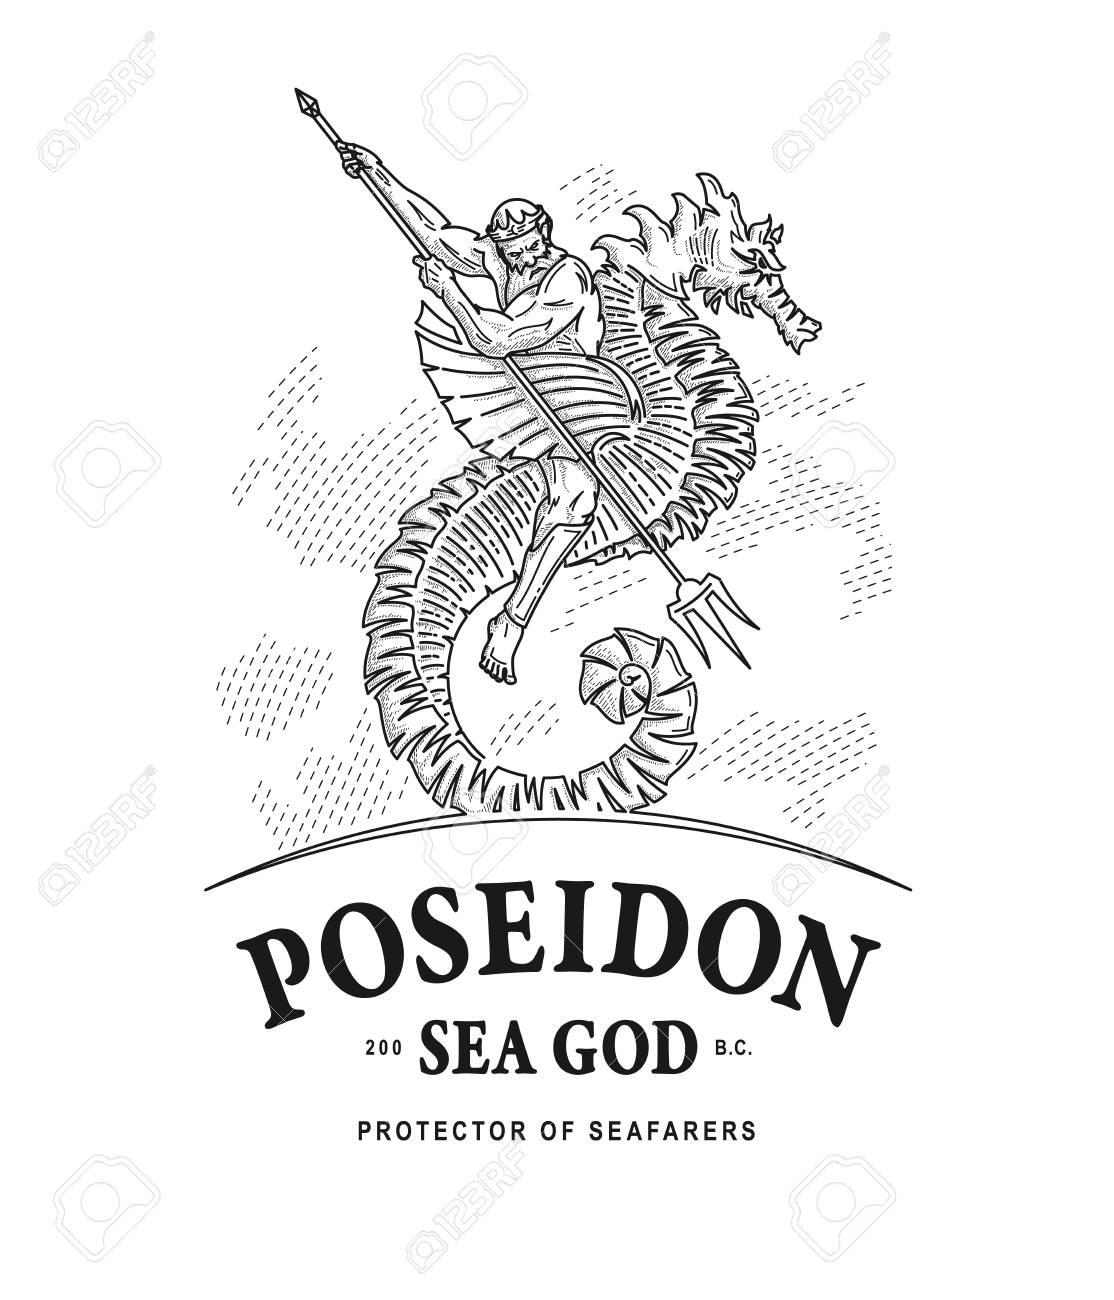 タツノオトシゴに乗って海のポセイドン神のベクター イラストですの